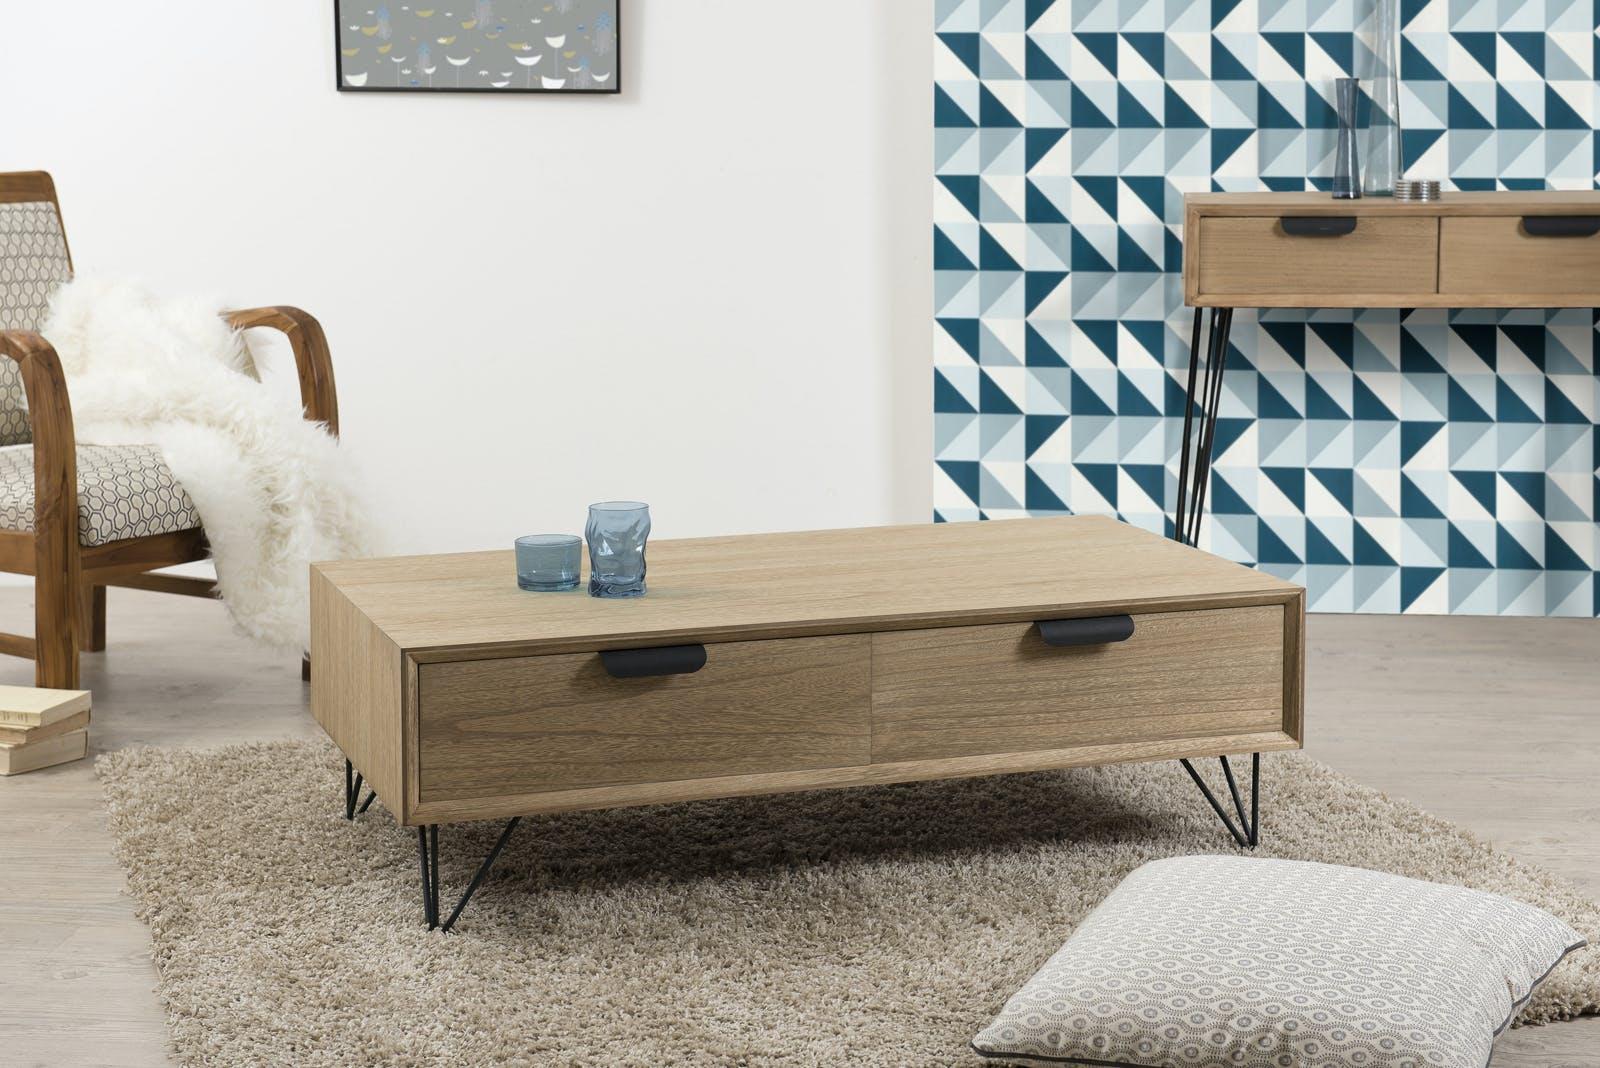 Table basse rétro bois 4 tiroirs pieds métal noir en épingle 3 tiges 110x60x35cm